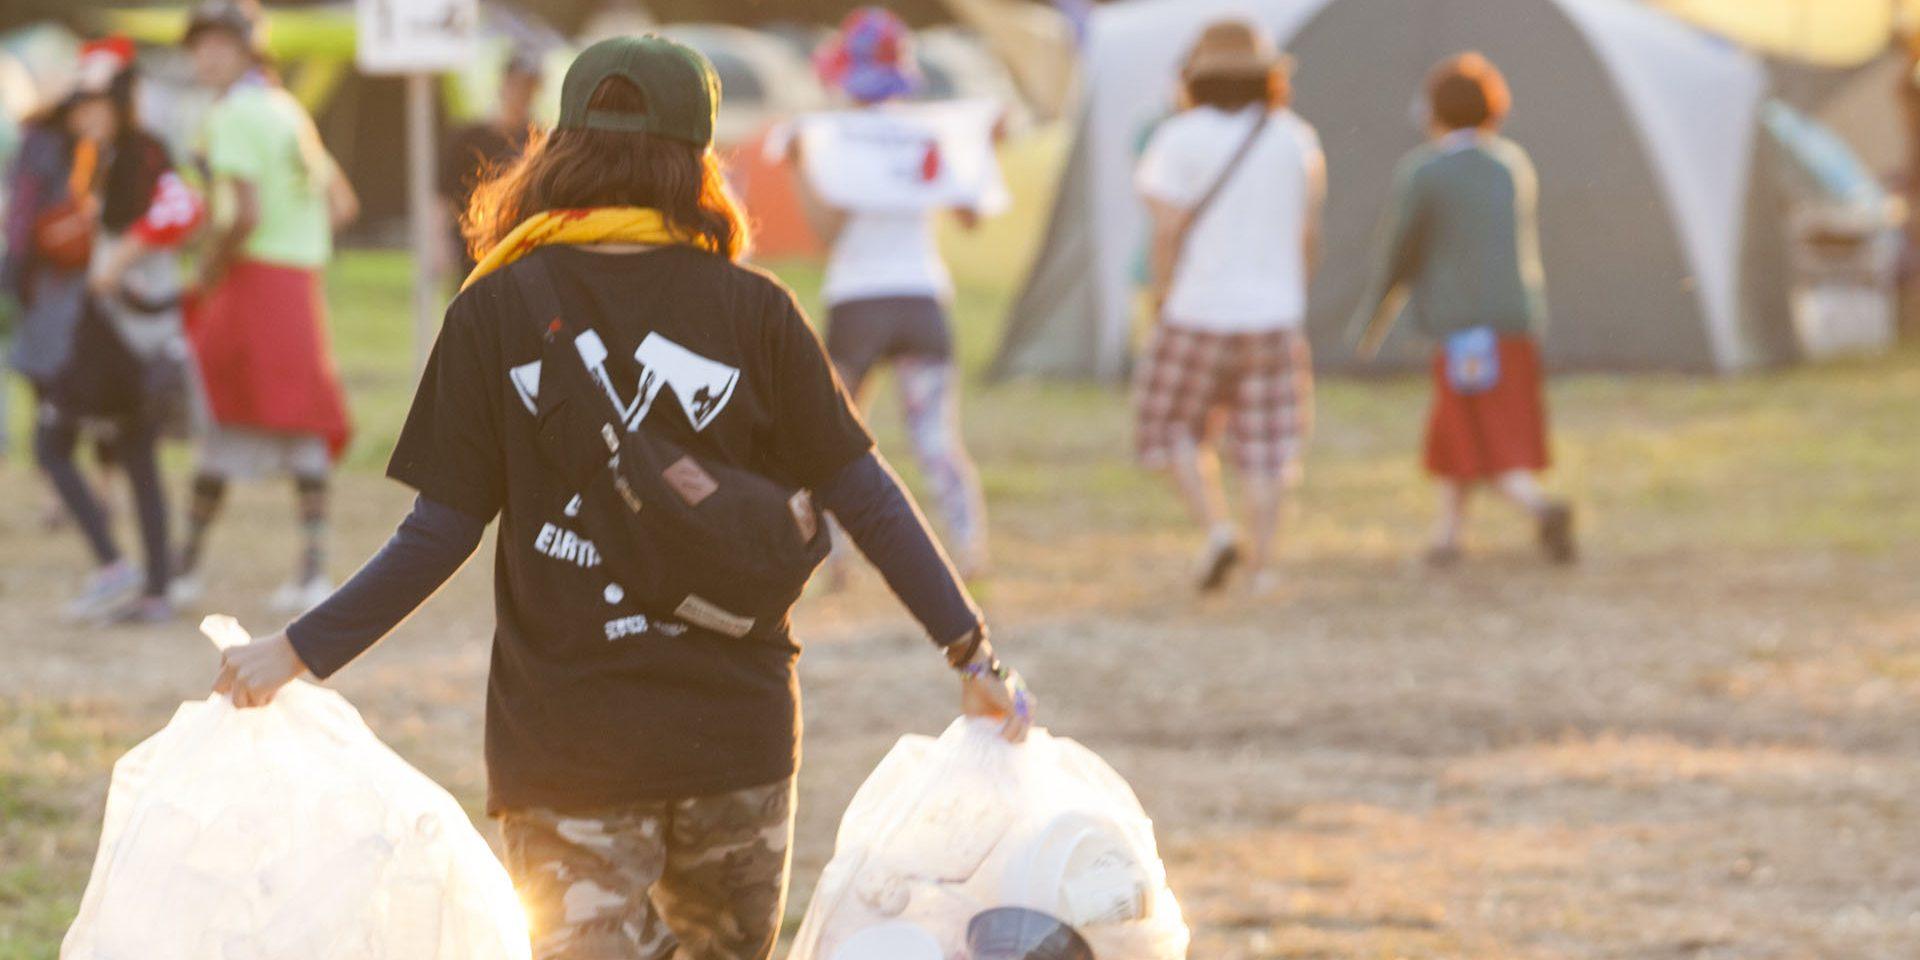 RISING SUN ROCKFESTIVALが翌年もたくさんの笑顔あふれる場となるように、会場のピースキーパーとなるボランティア。年齢・地域を超えて160人がともに活動する。